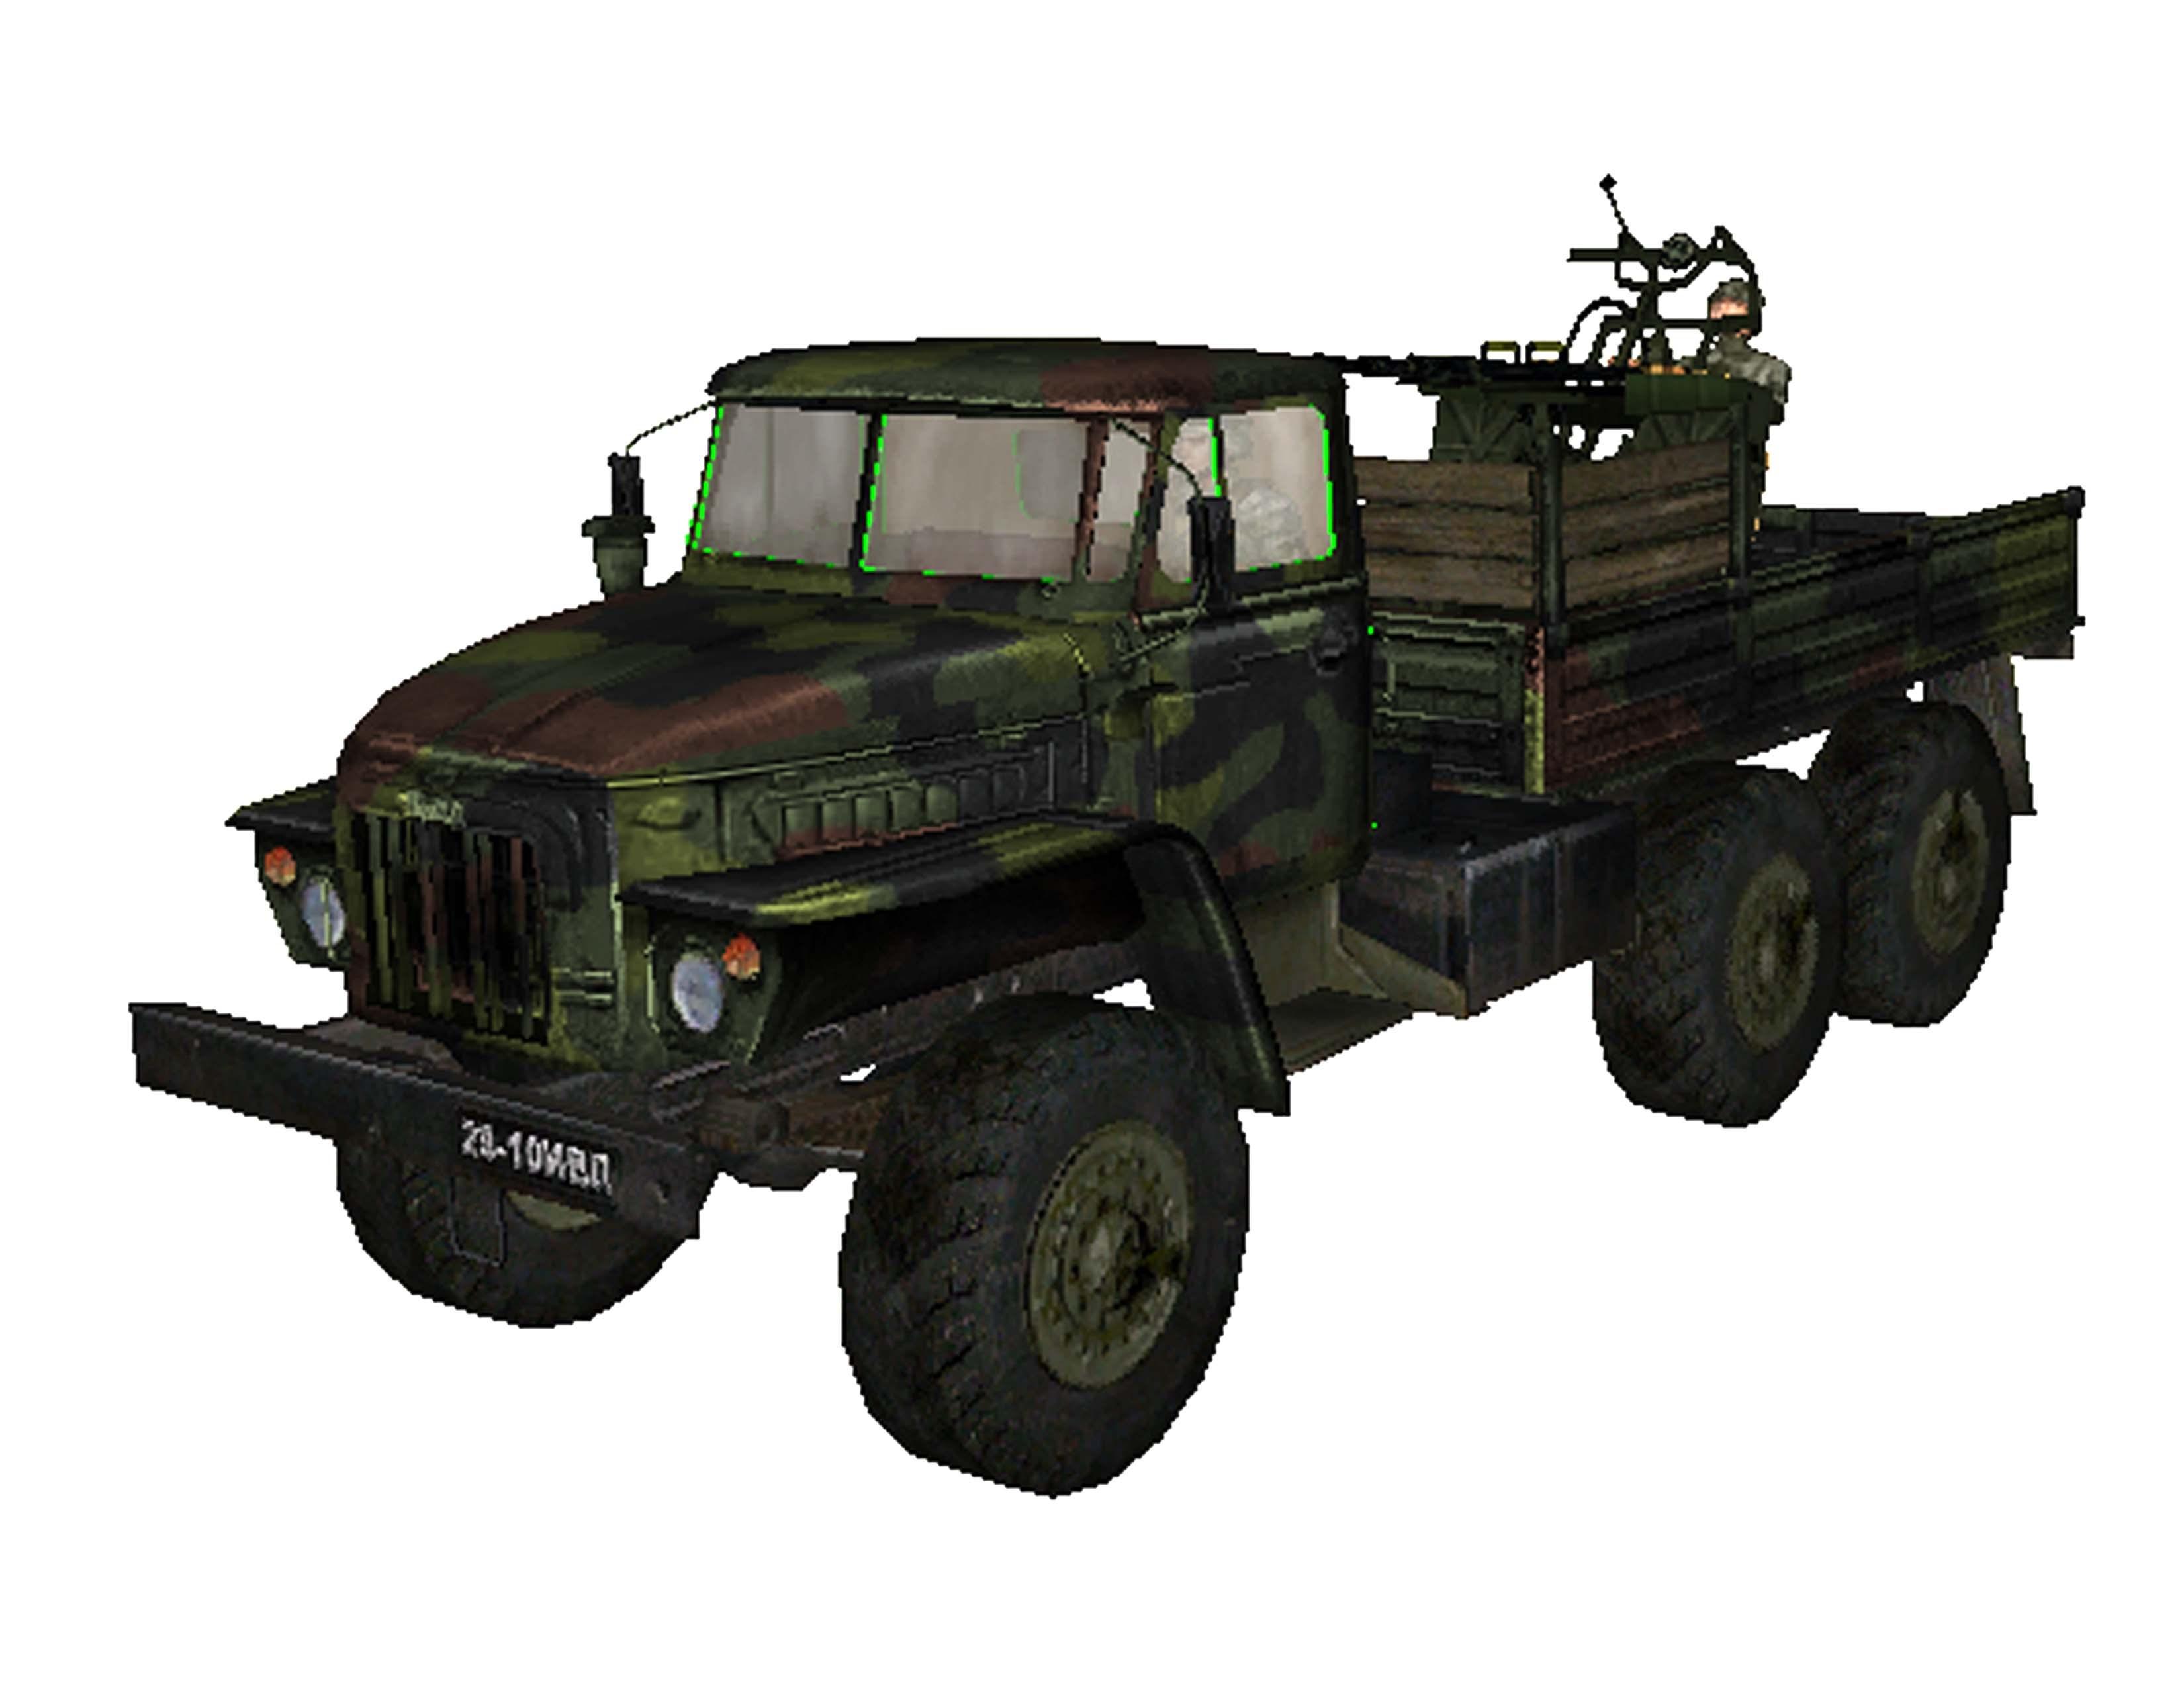 SF2_Ural-375 Camo Cuba